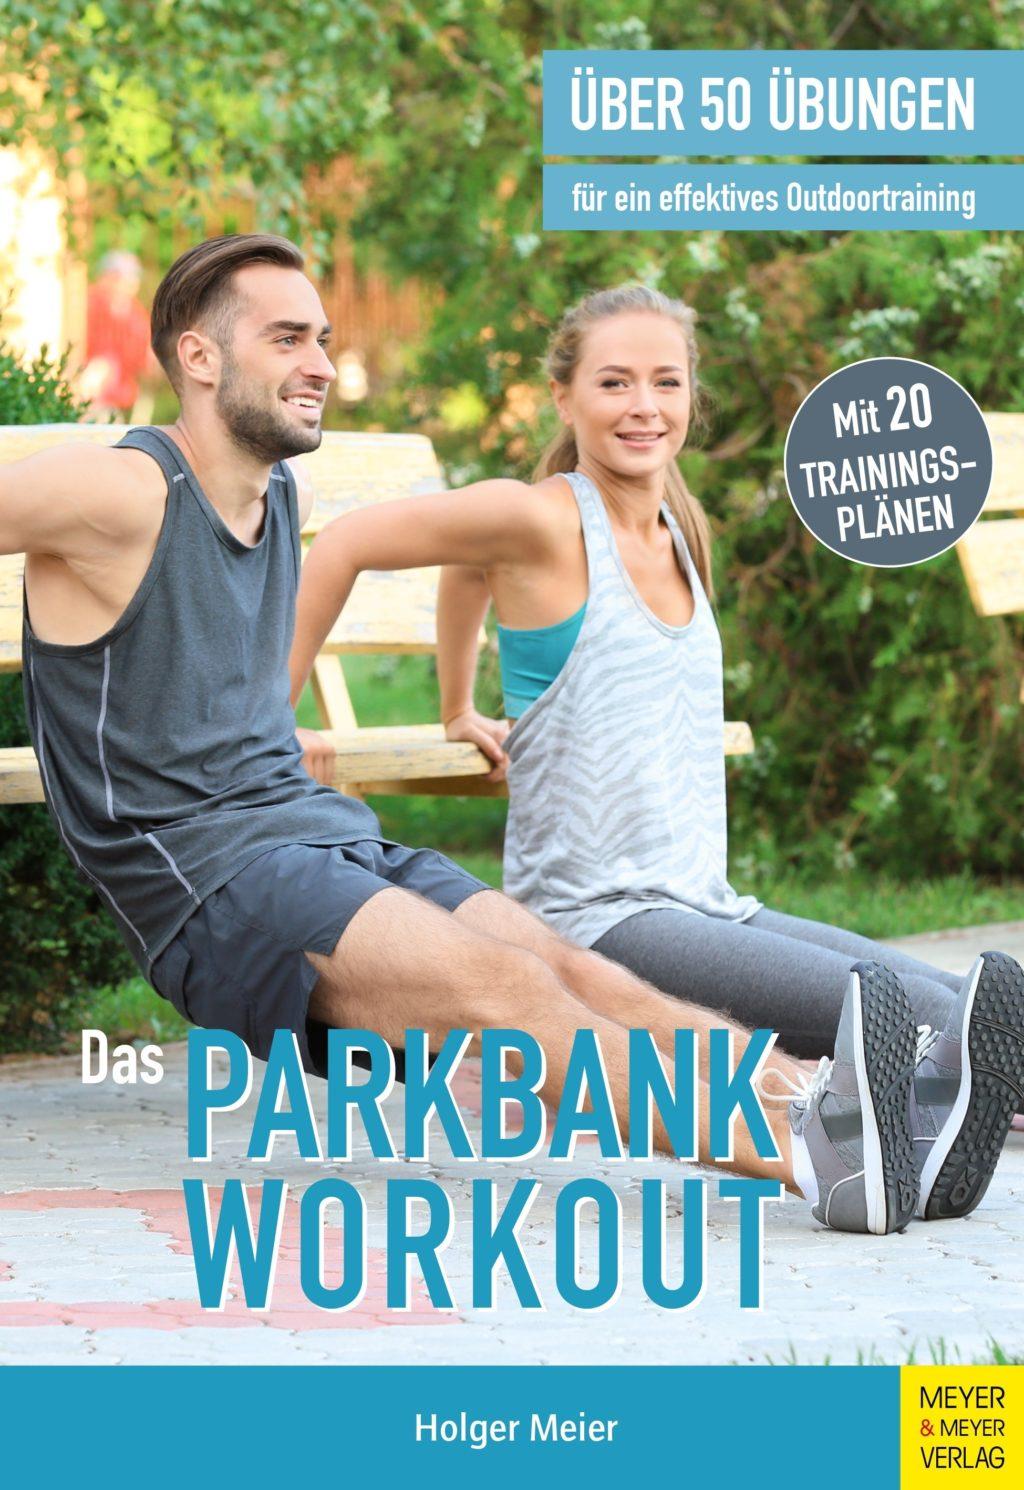 Frau und Mann beim Parkbank-Workout